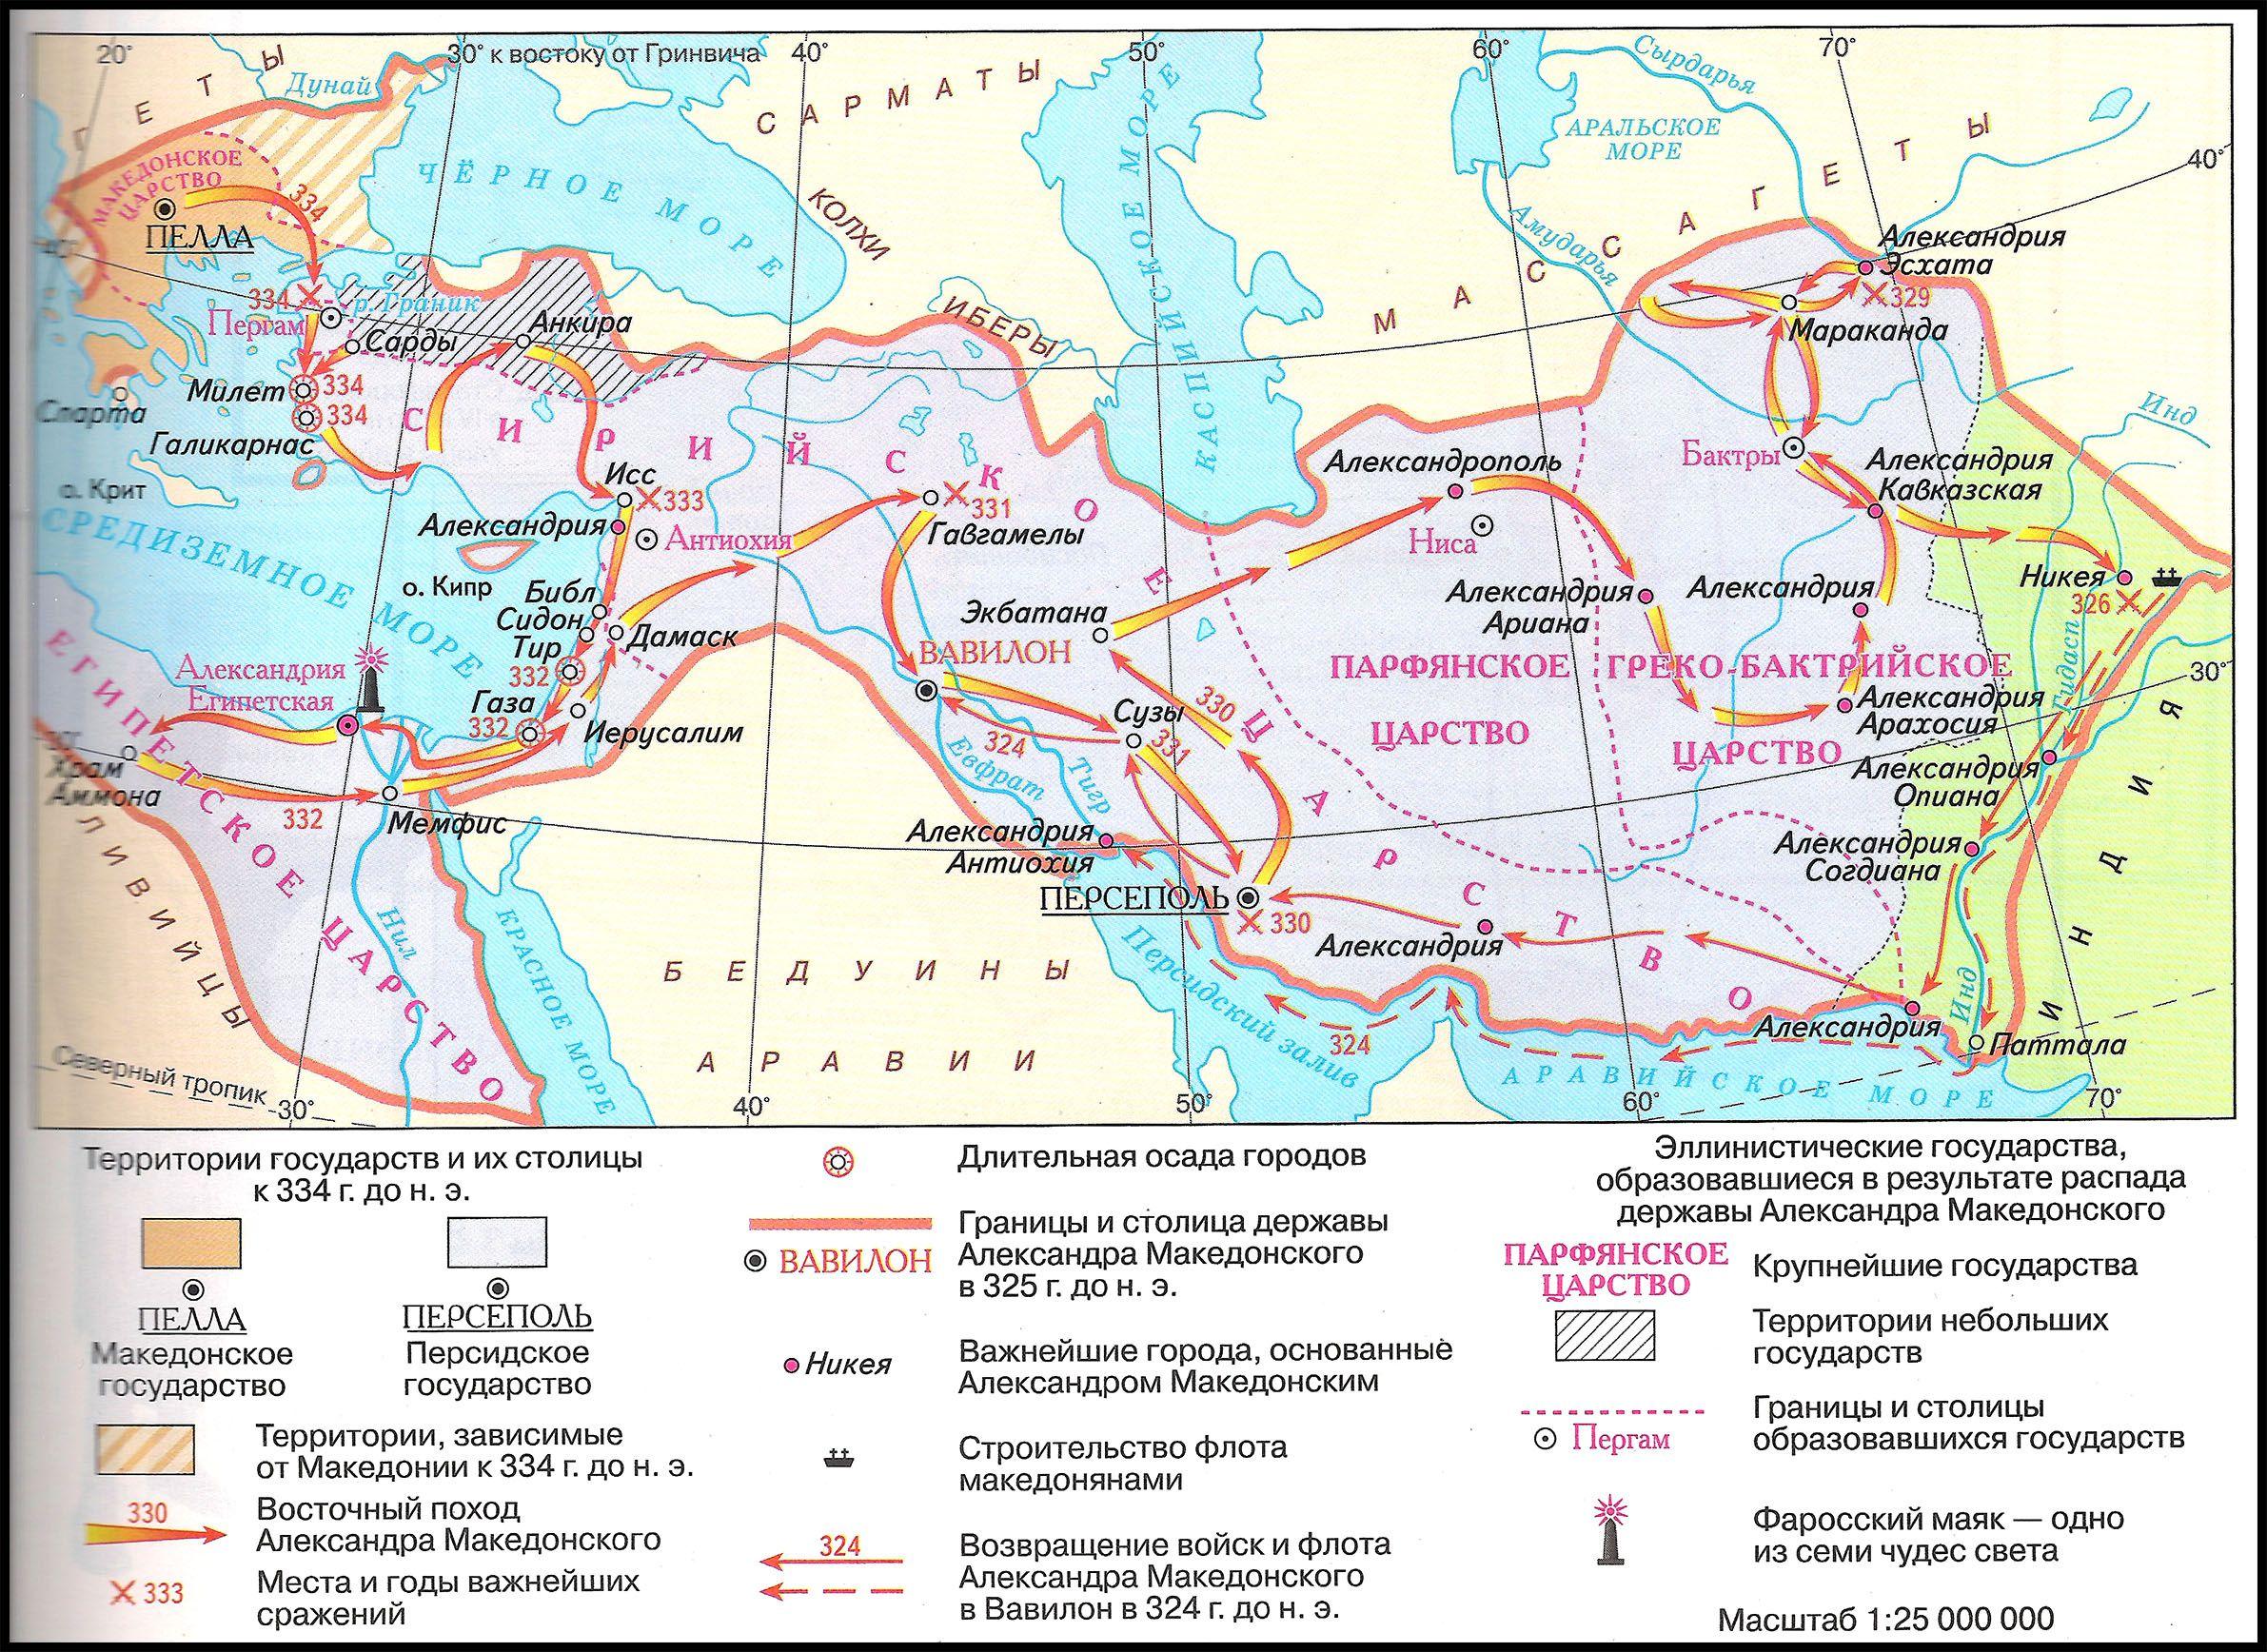 Восточный поход Александра Македонского, 334-324 гг. до н.э. Образование и распад державы Александра Македонского